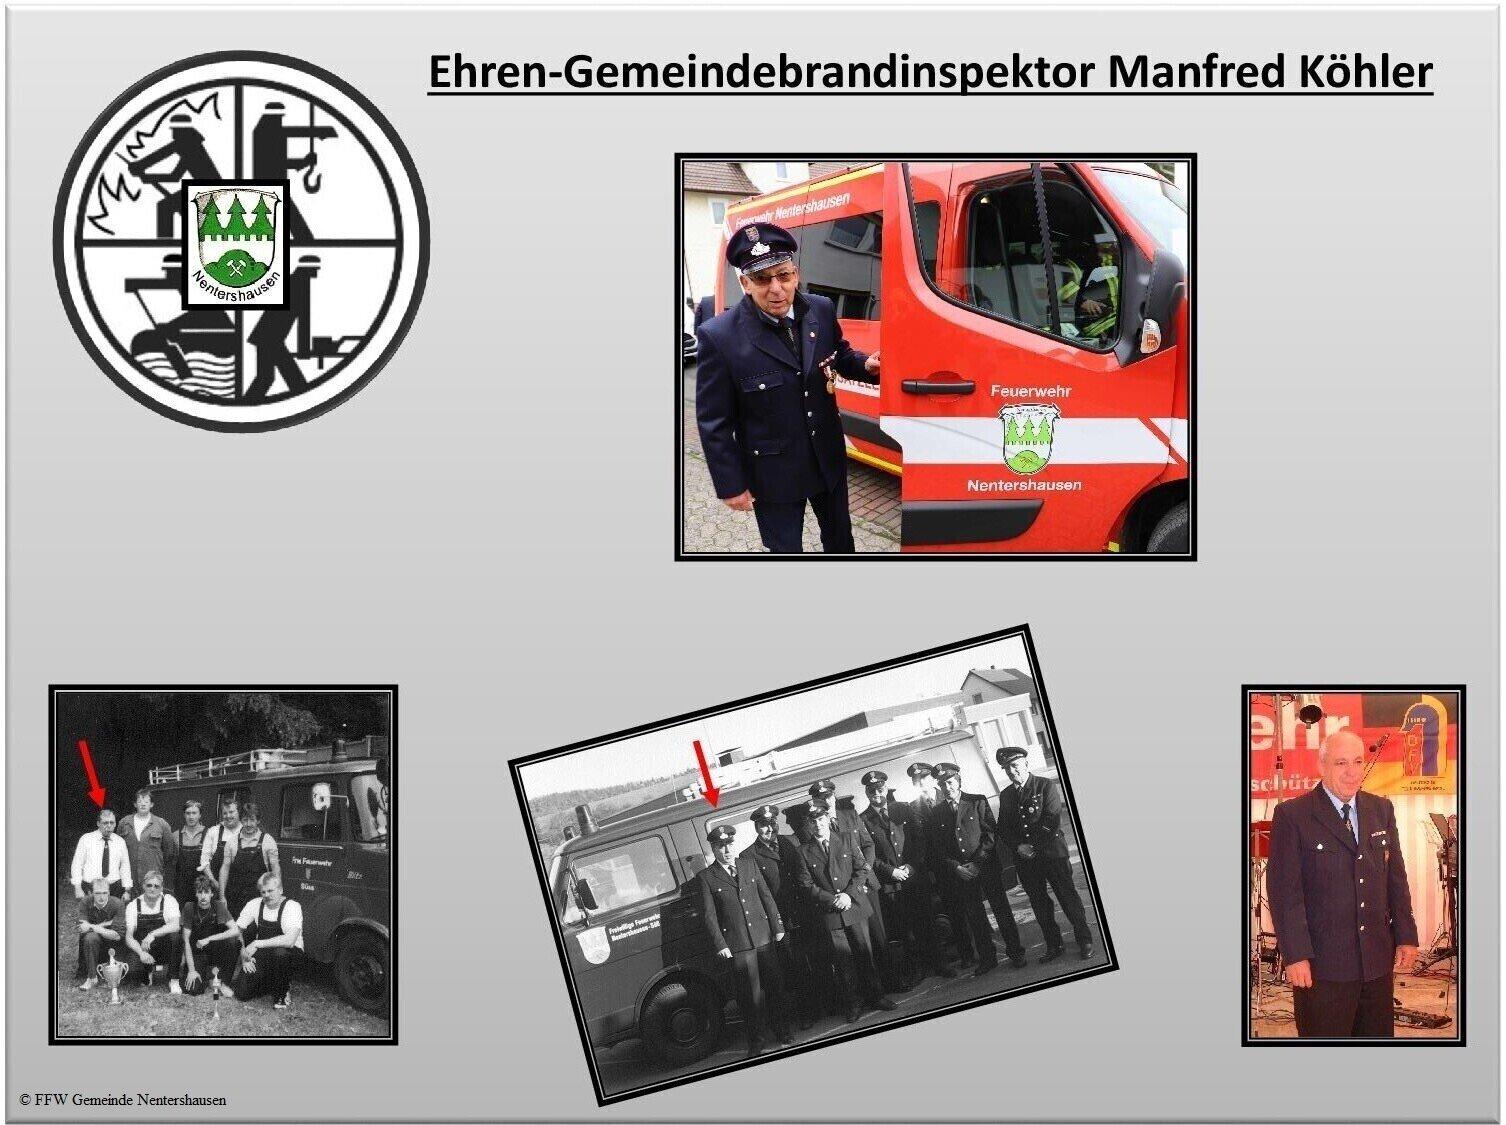 Manfred Köhler neuer Ehren-Gemeindebrandinspektor